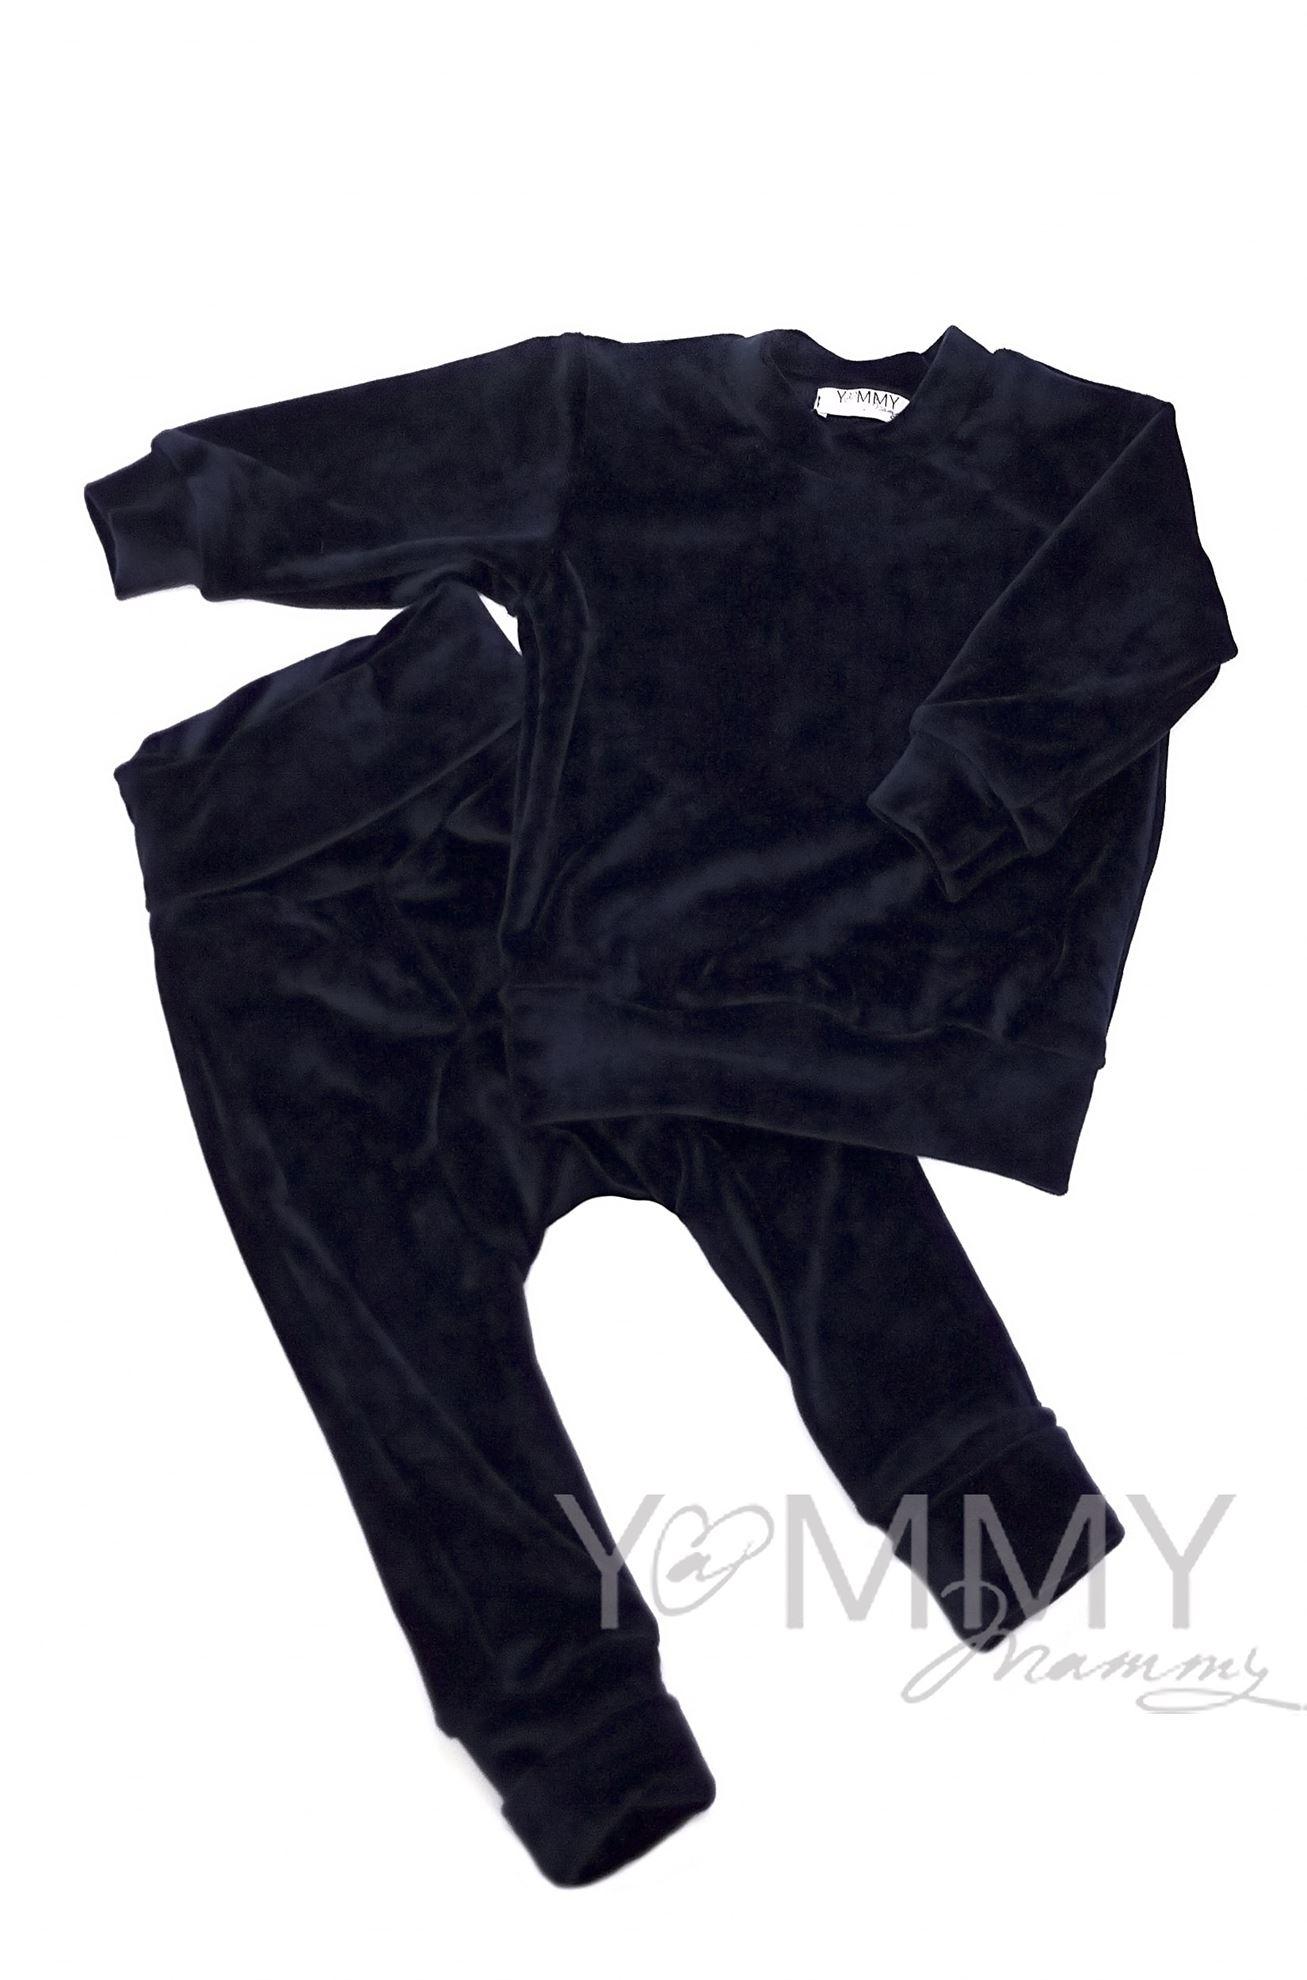 Изображение                               Детский велюровый костюм «хамелеон» темно-синий